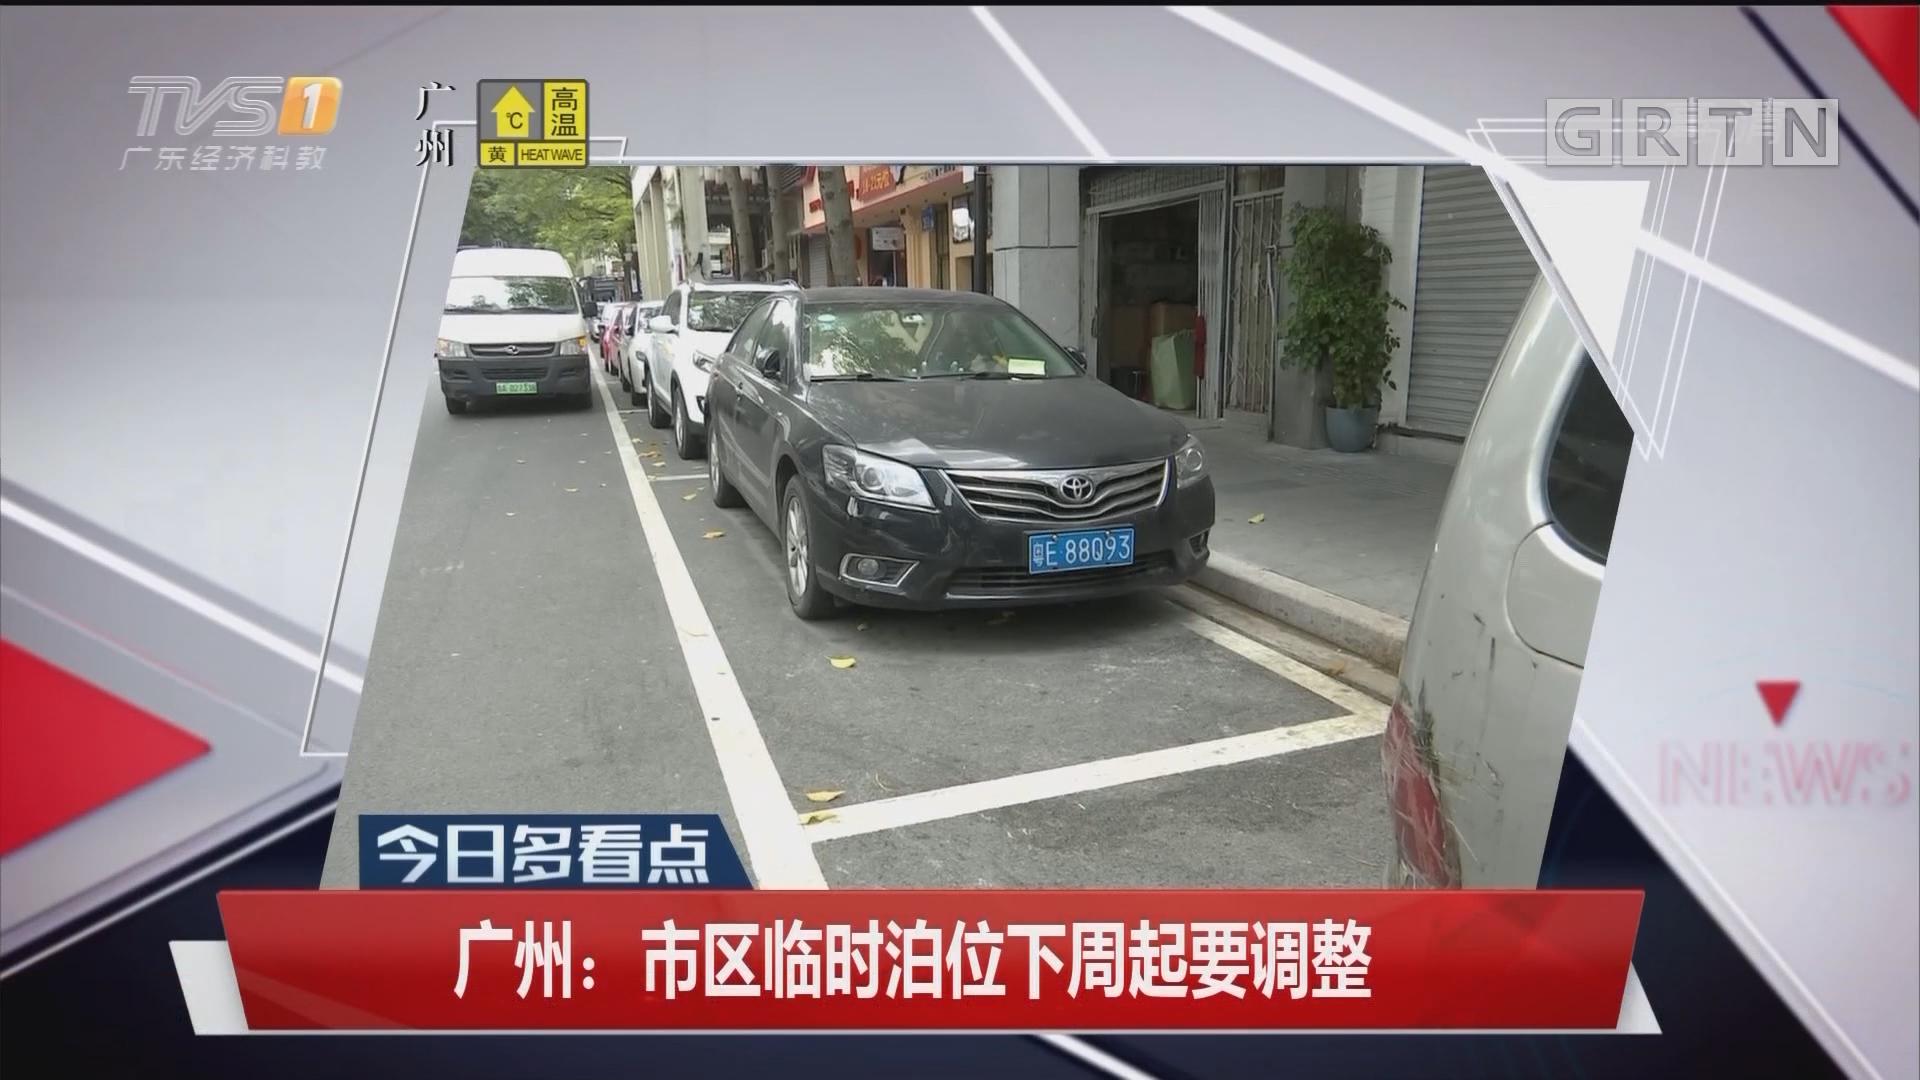 广州:市区临时泊位下周起要调整